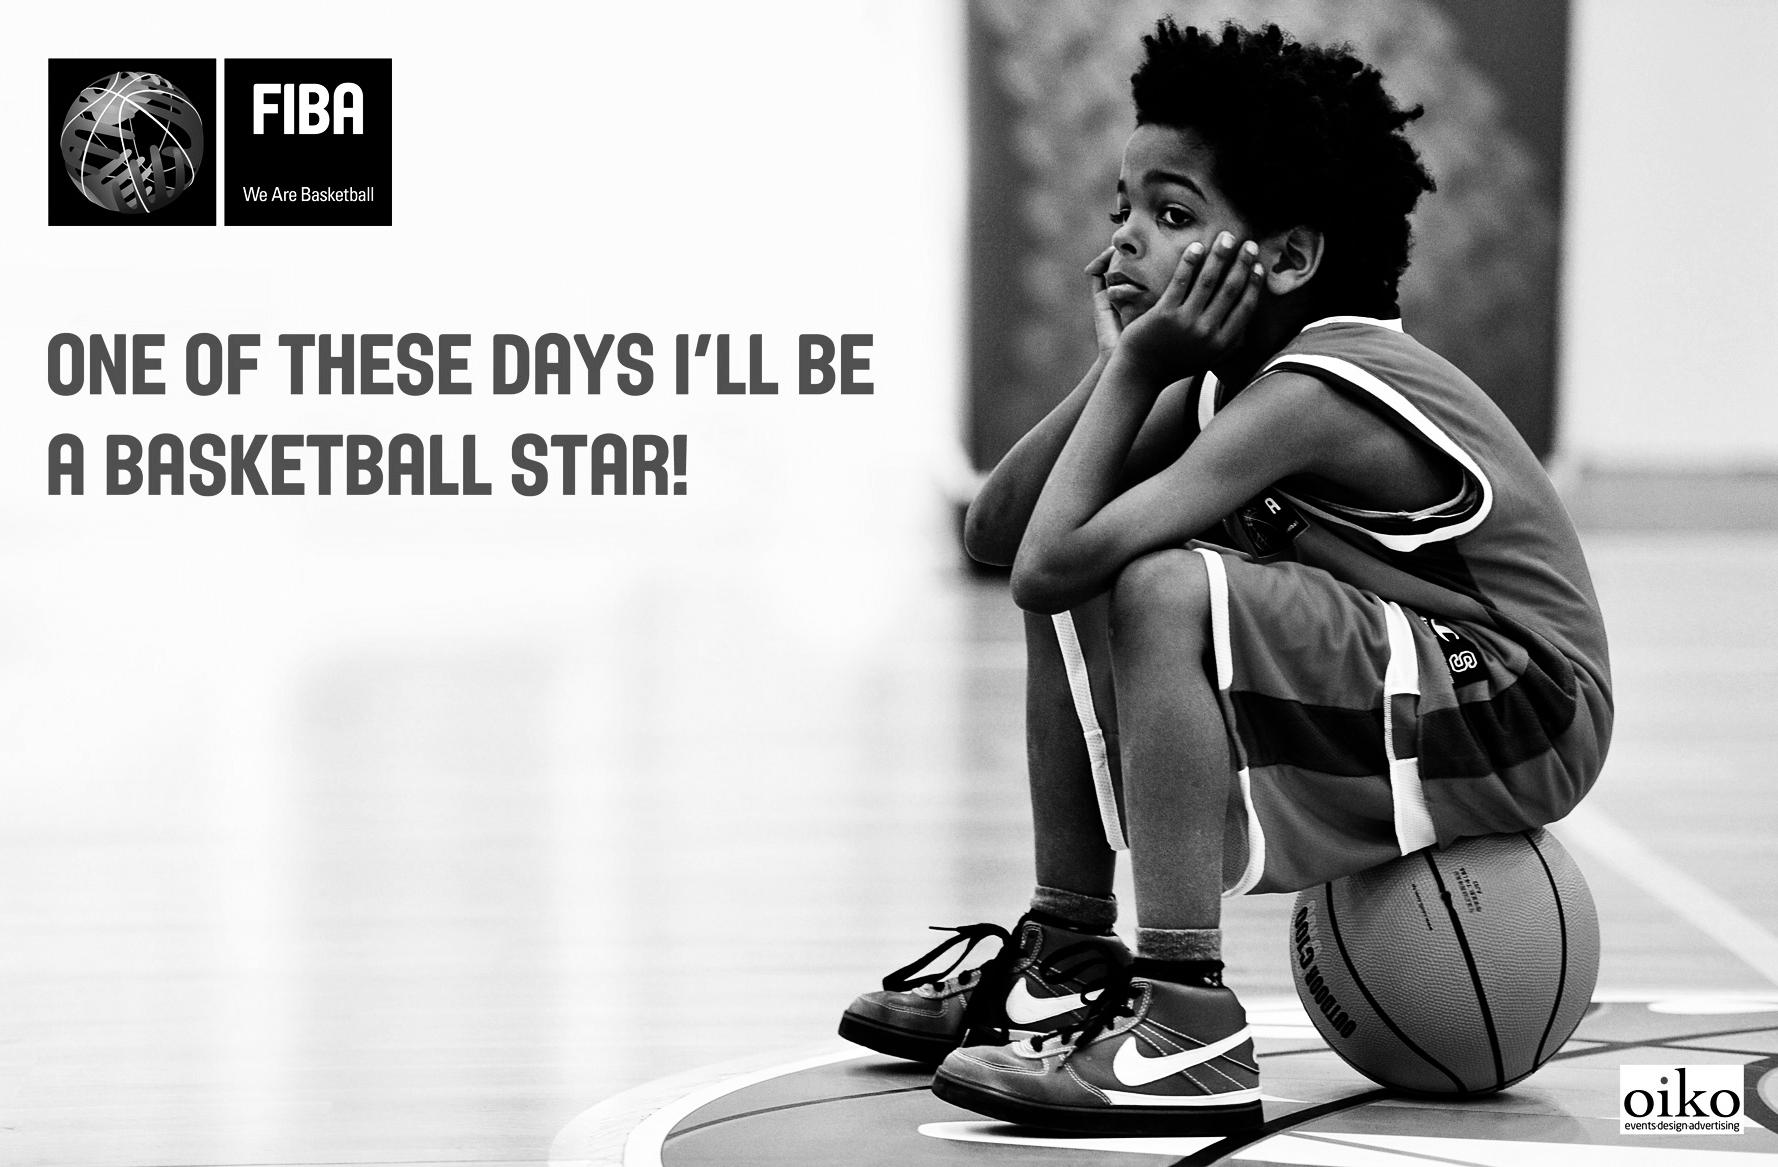 tearsheet-2019-08-27_72.advertising for FIBA 2